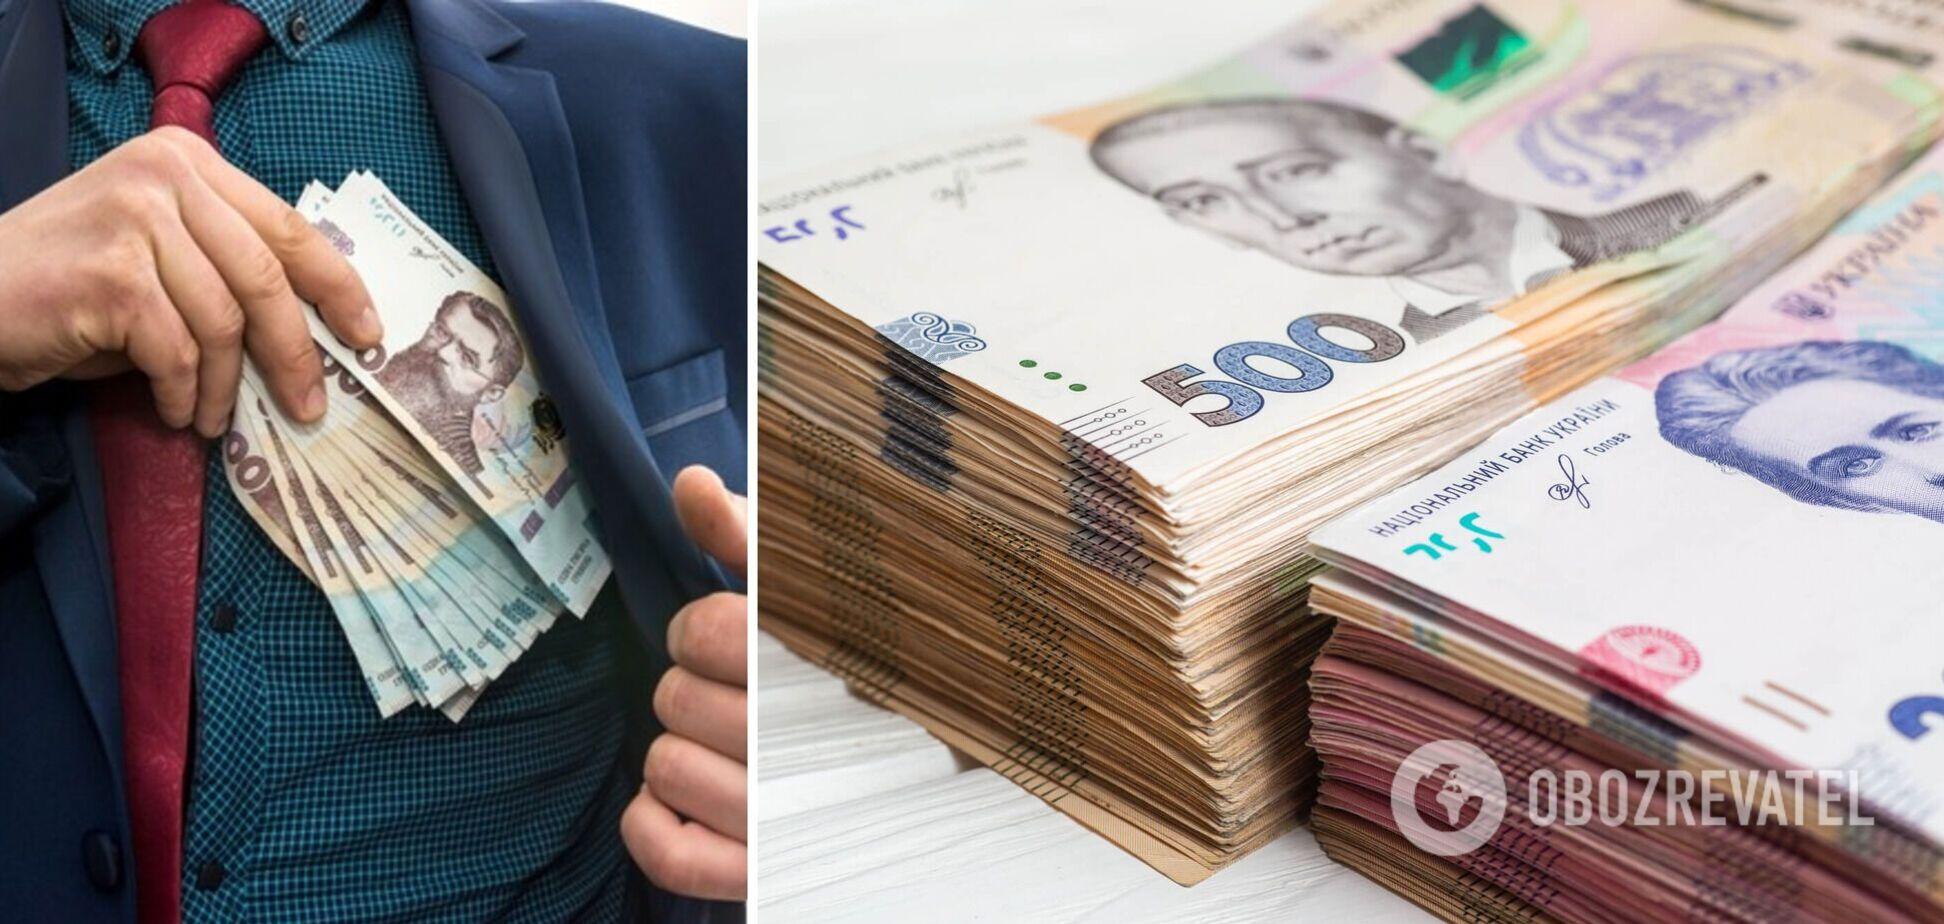 Расследование пропажи денег продолжается больше года